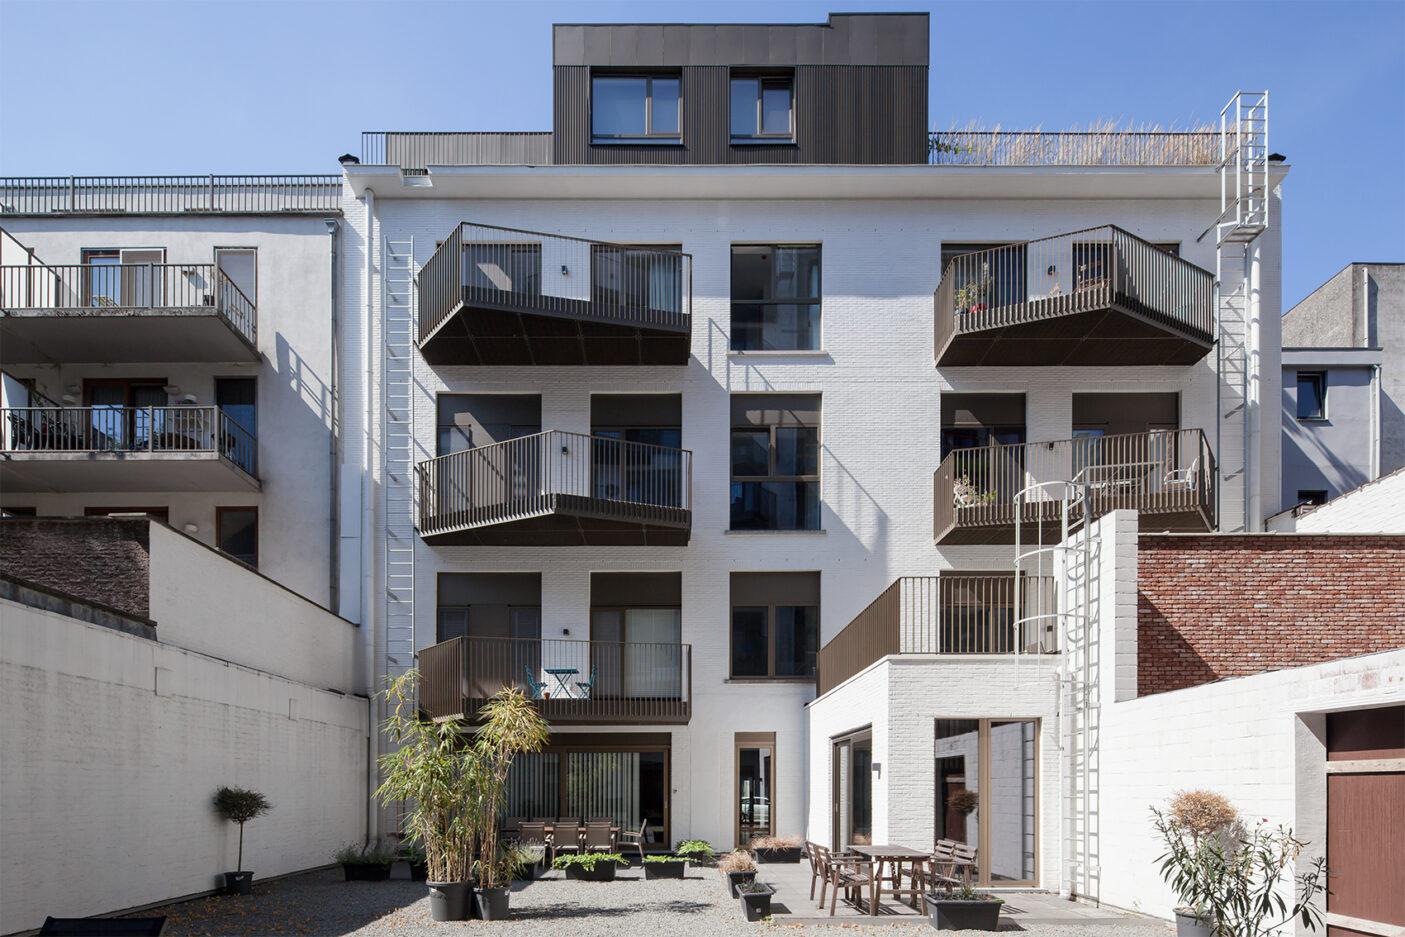 LOW-architecten-Britselei-ANTWERPEN-007web.jpg